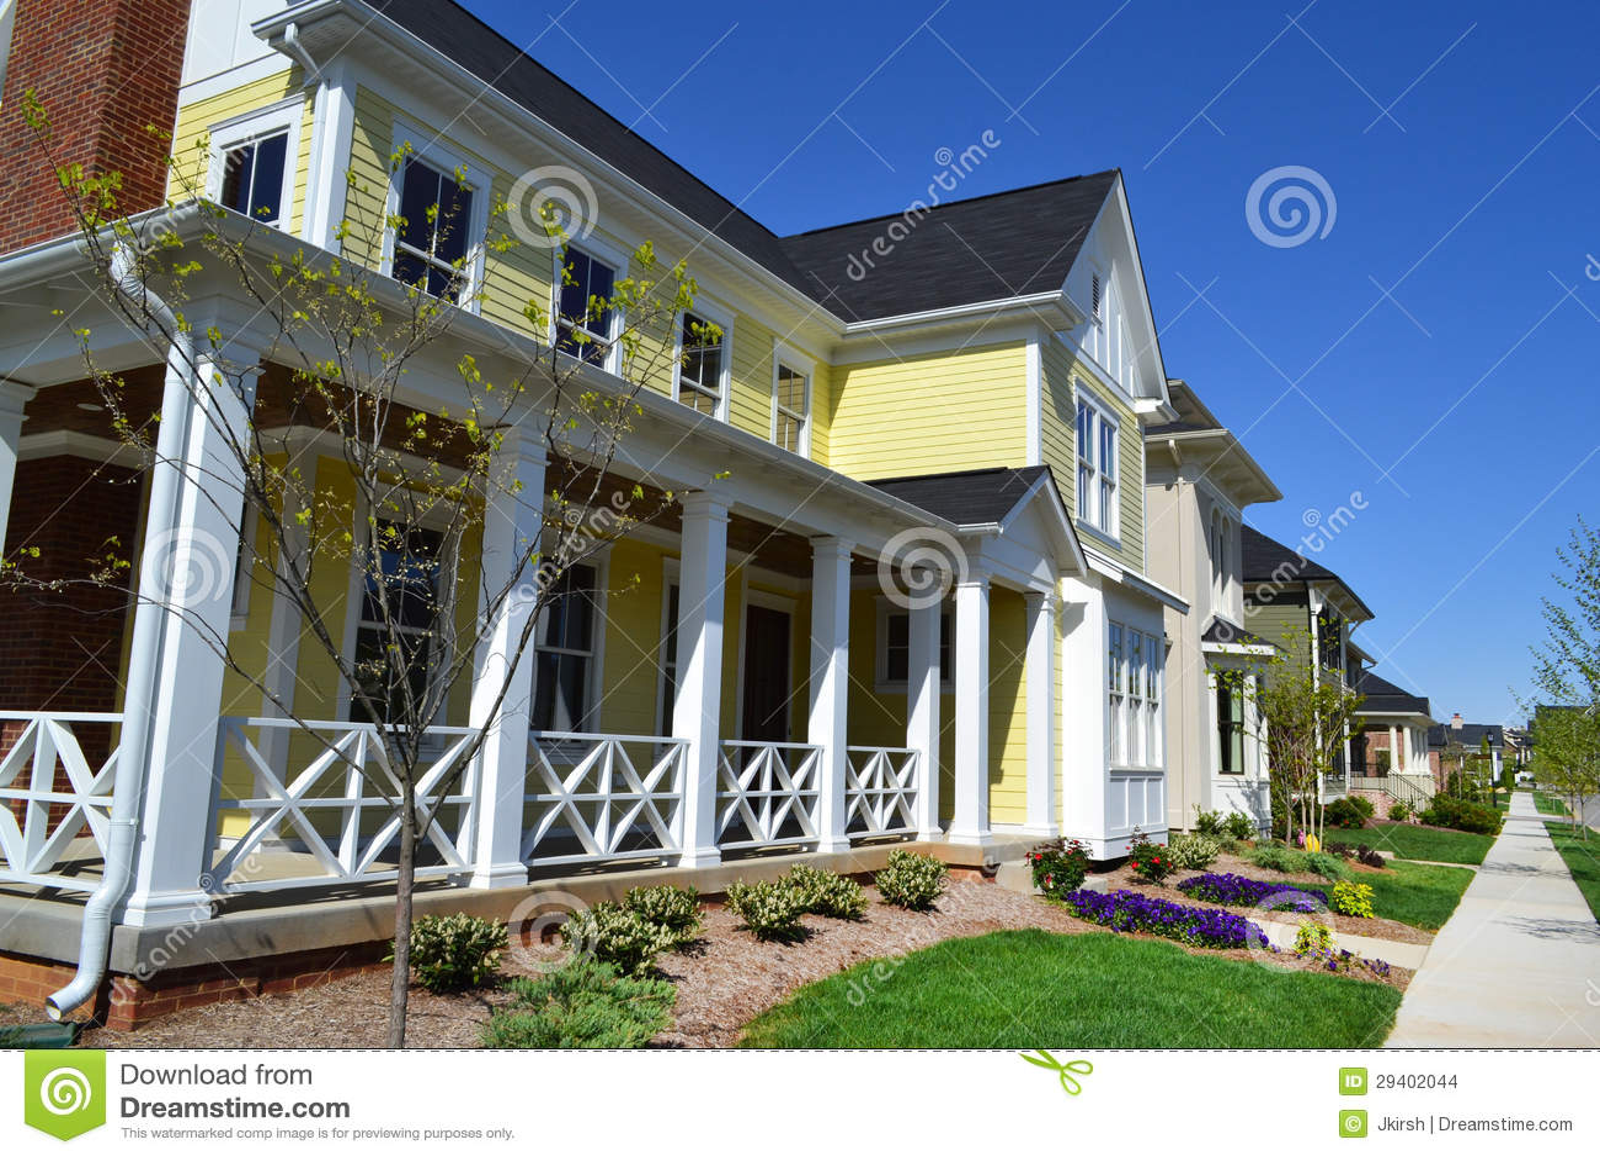 maison jaune toute neuve de r ve de cape cod de style de la nouvelle angleterre photo stock. Black Bedroom Furniture Sets. Home Design Ideas